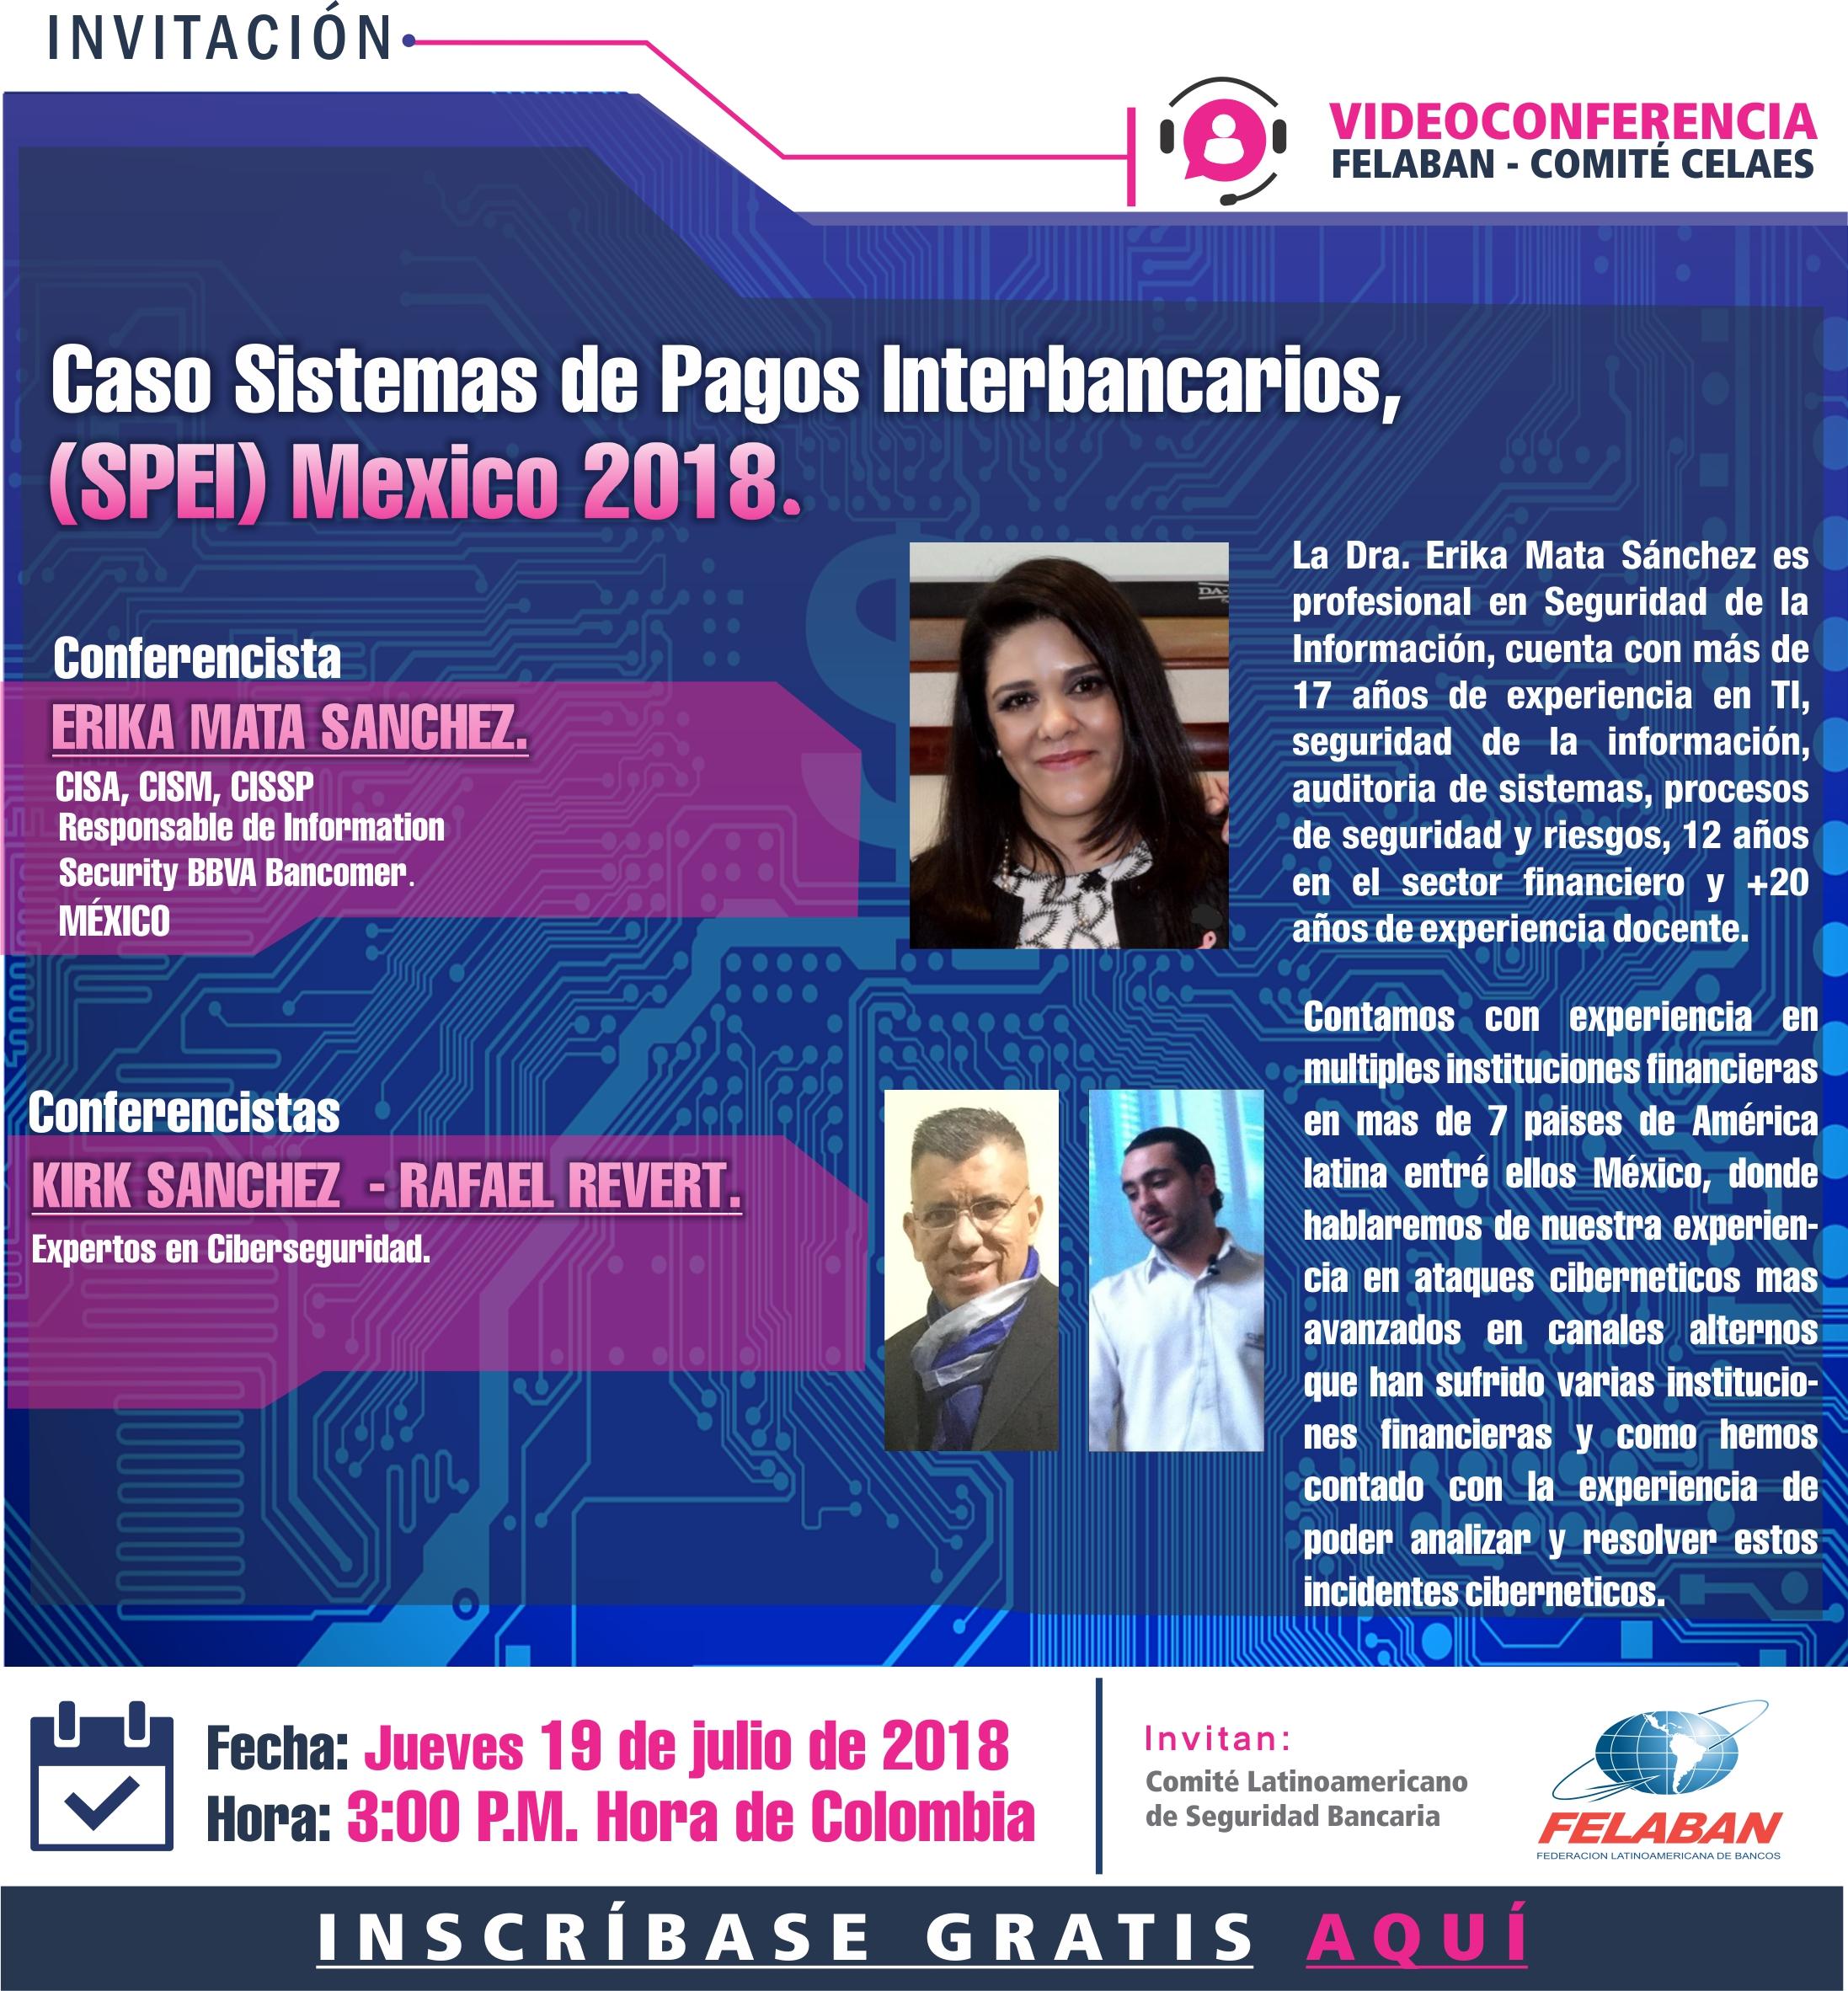 Caso Sistemas de Pagos Interbancarios, (SPEI) México 2018